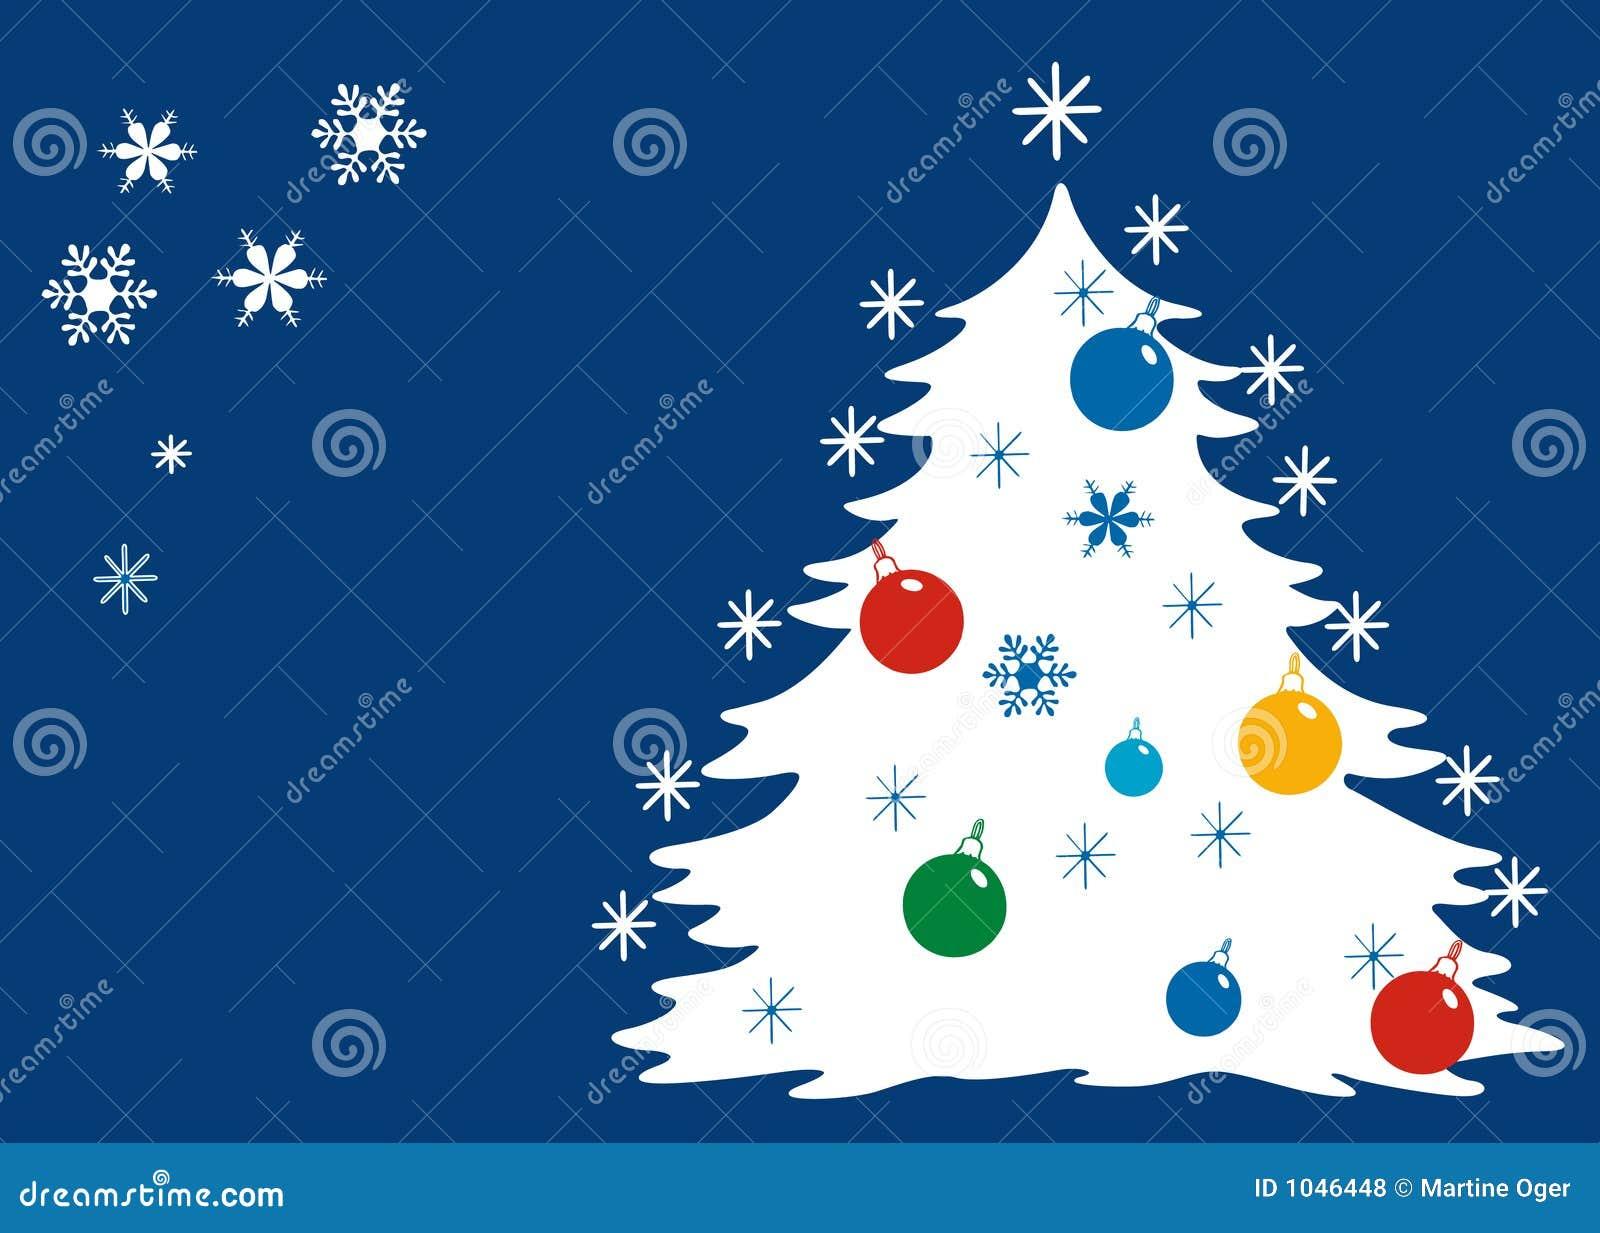 La Navidad azul.